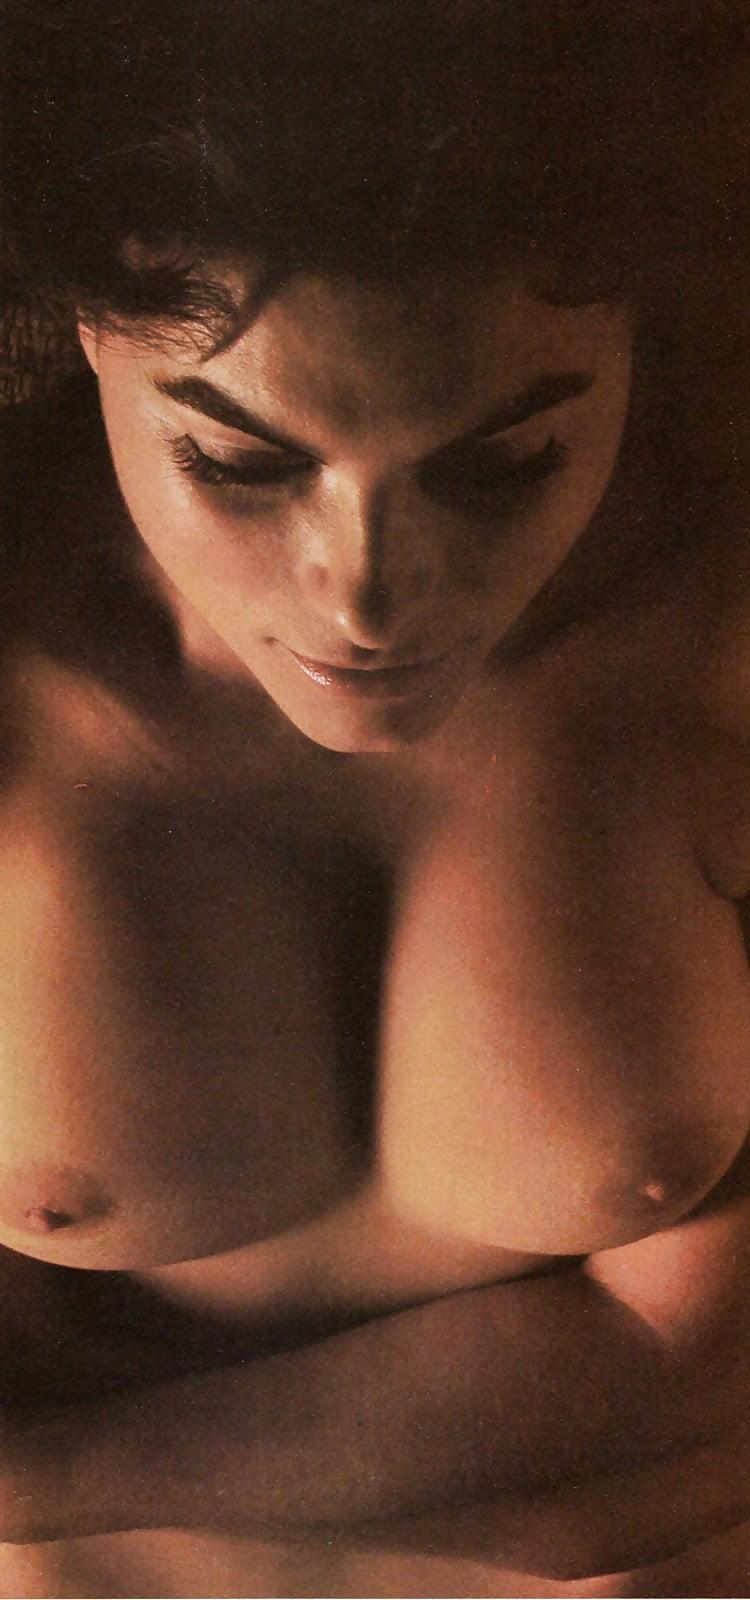 Adrienne barbeau naked breast — img 13